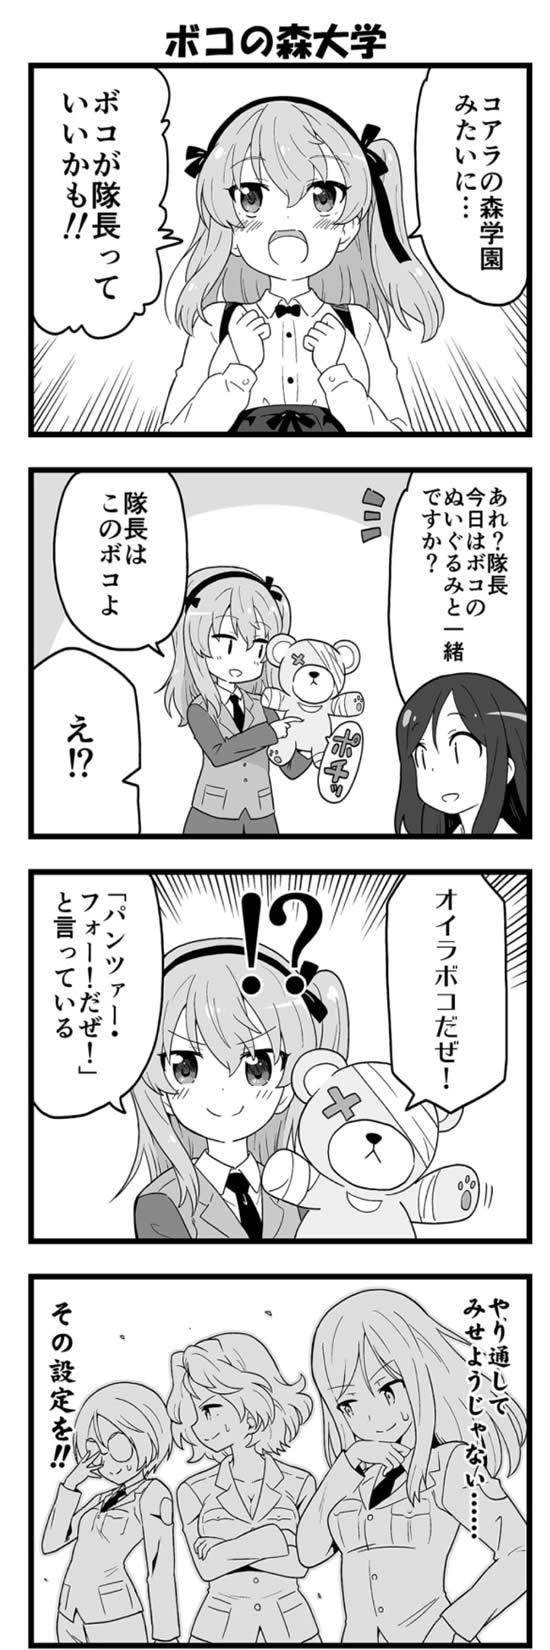 ガールズ&パンツァー 島田愛里寿 コアラ隊長 コアラの森学園 漫画03